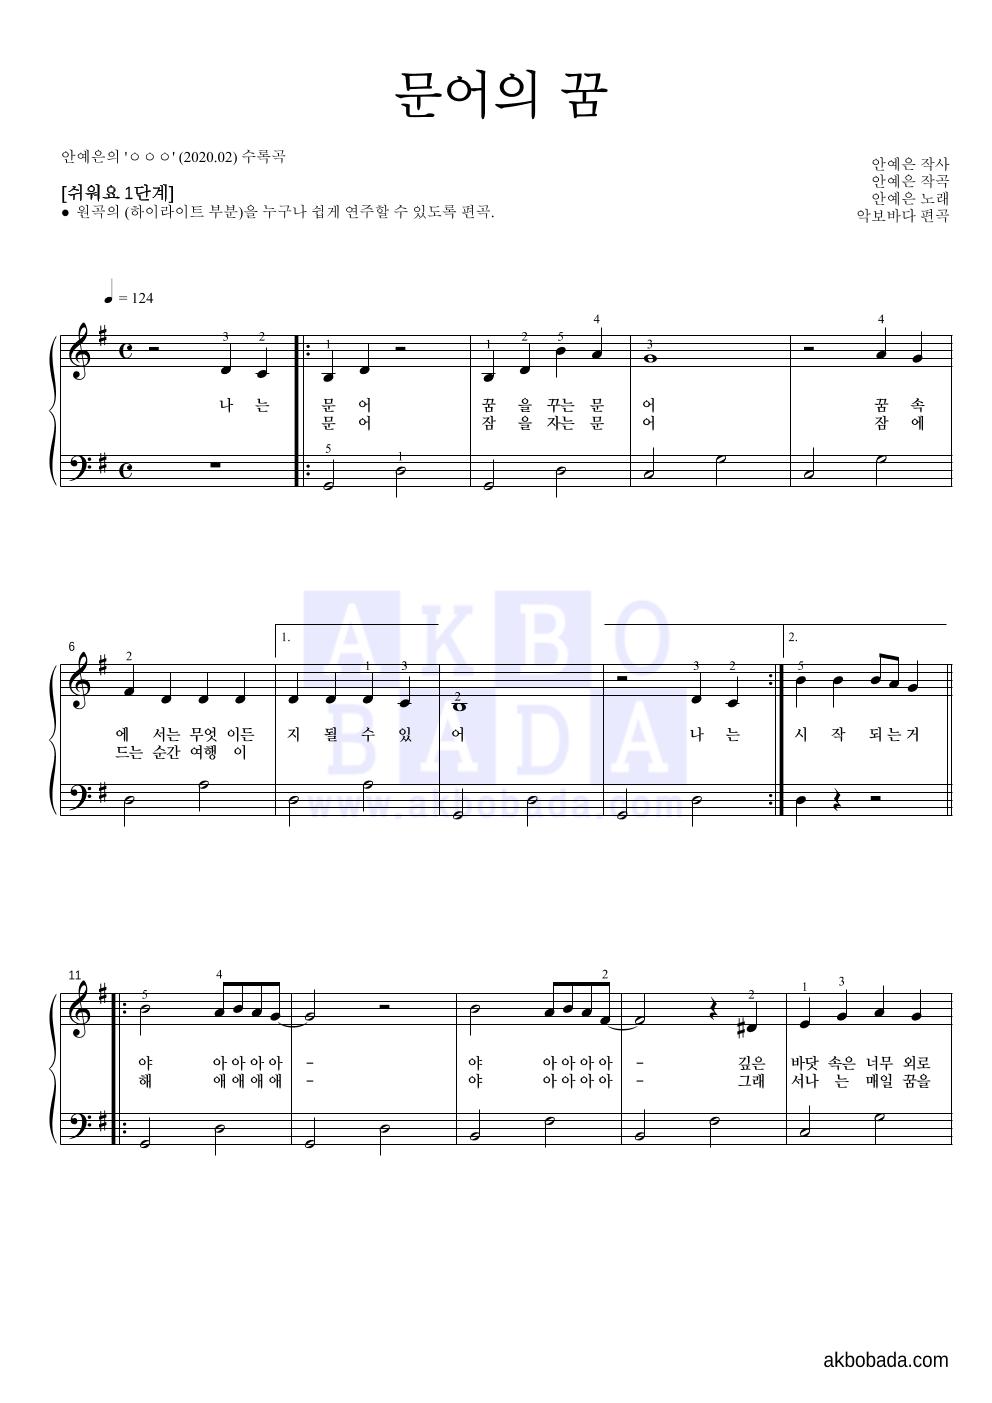 안예은 - 문어의 꿈 피아노2단-쉬워요 악보